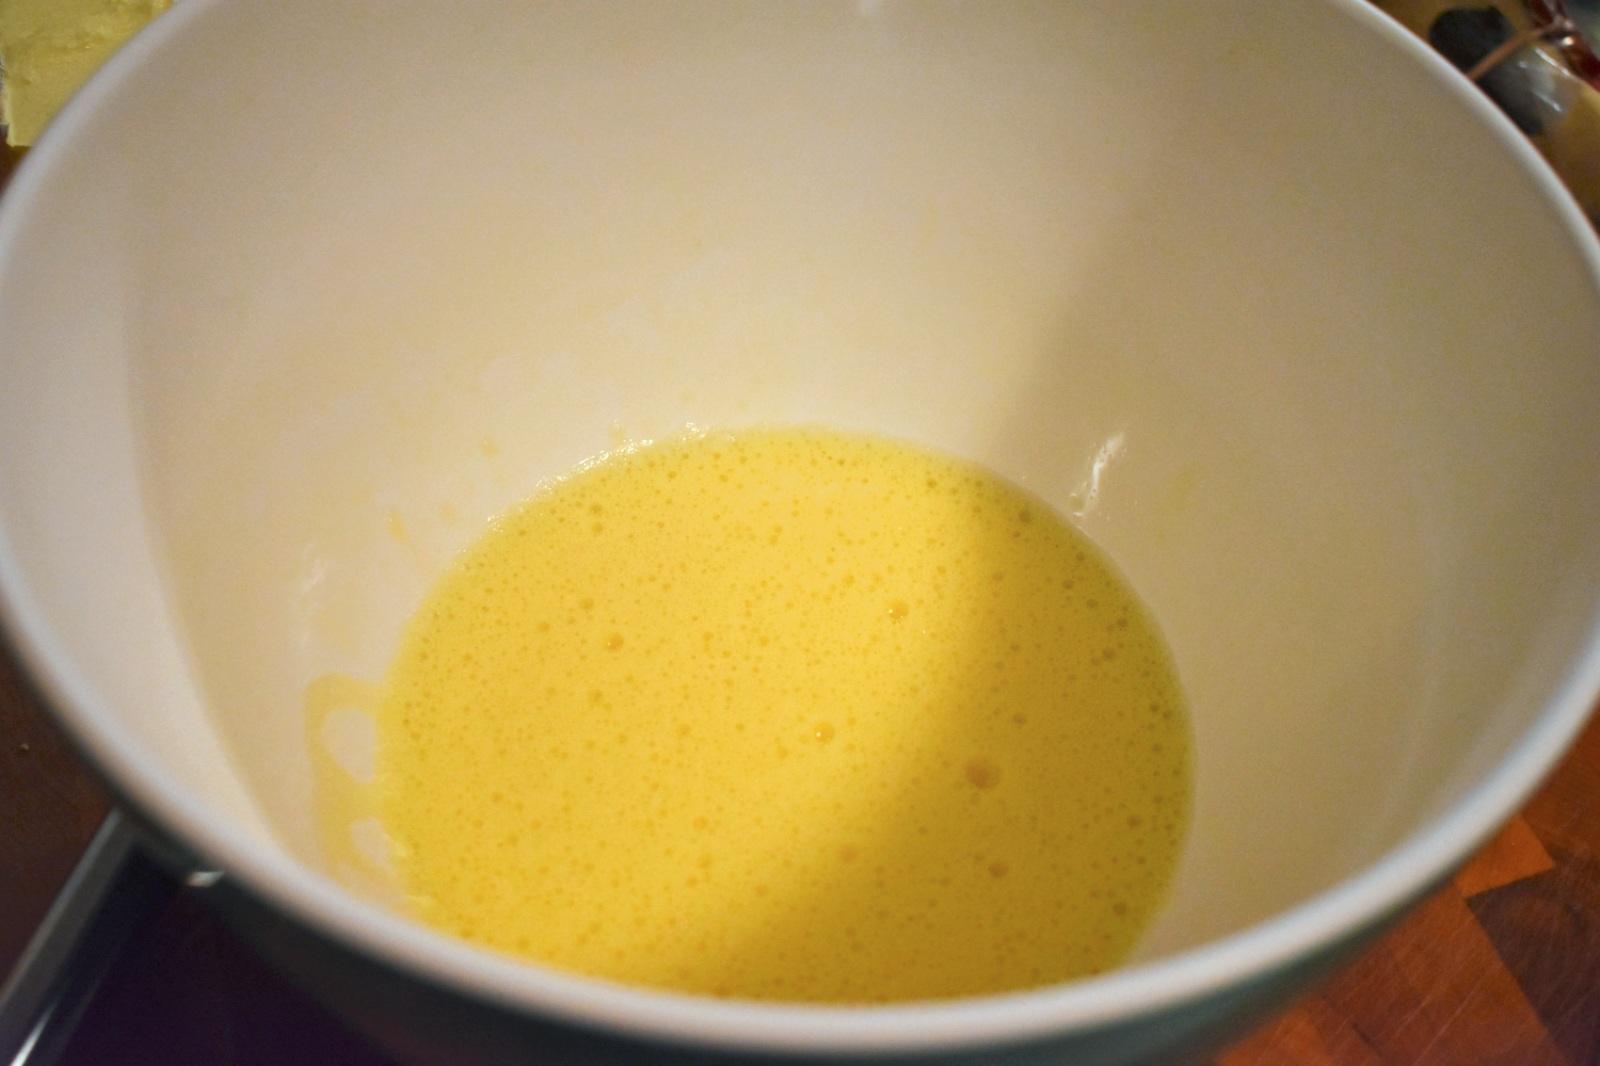 Pain au zucchini, citron et framboises - Auboutdelalangue.com (2)